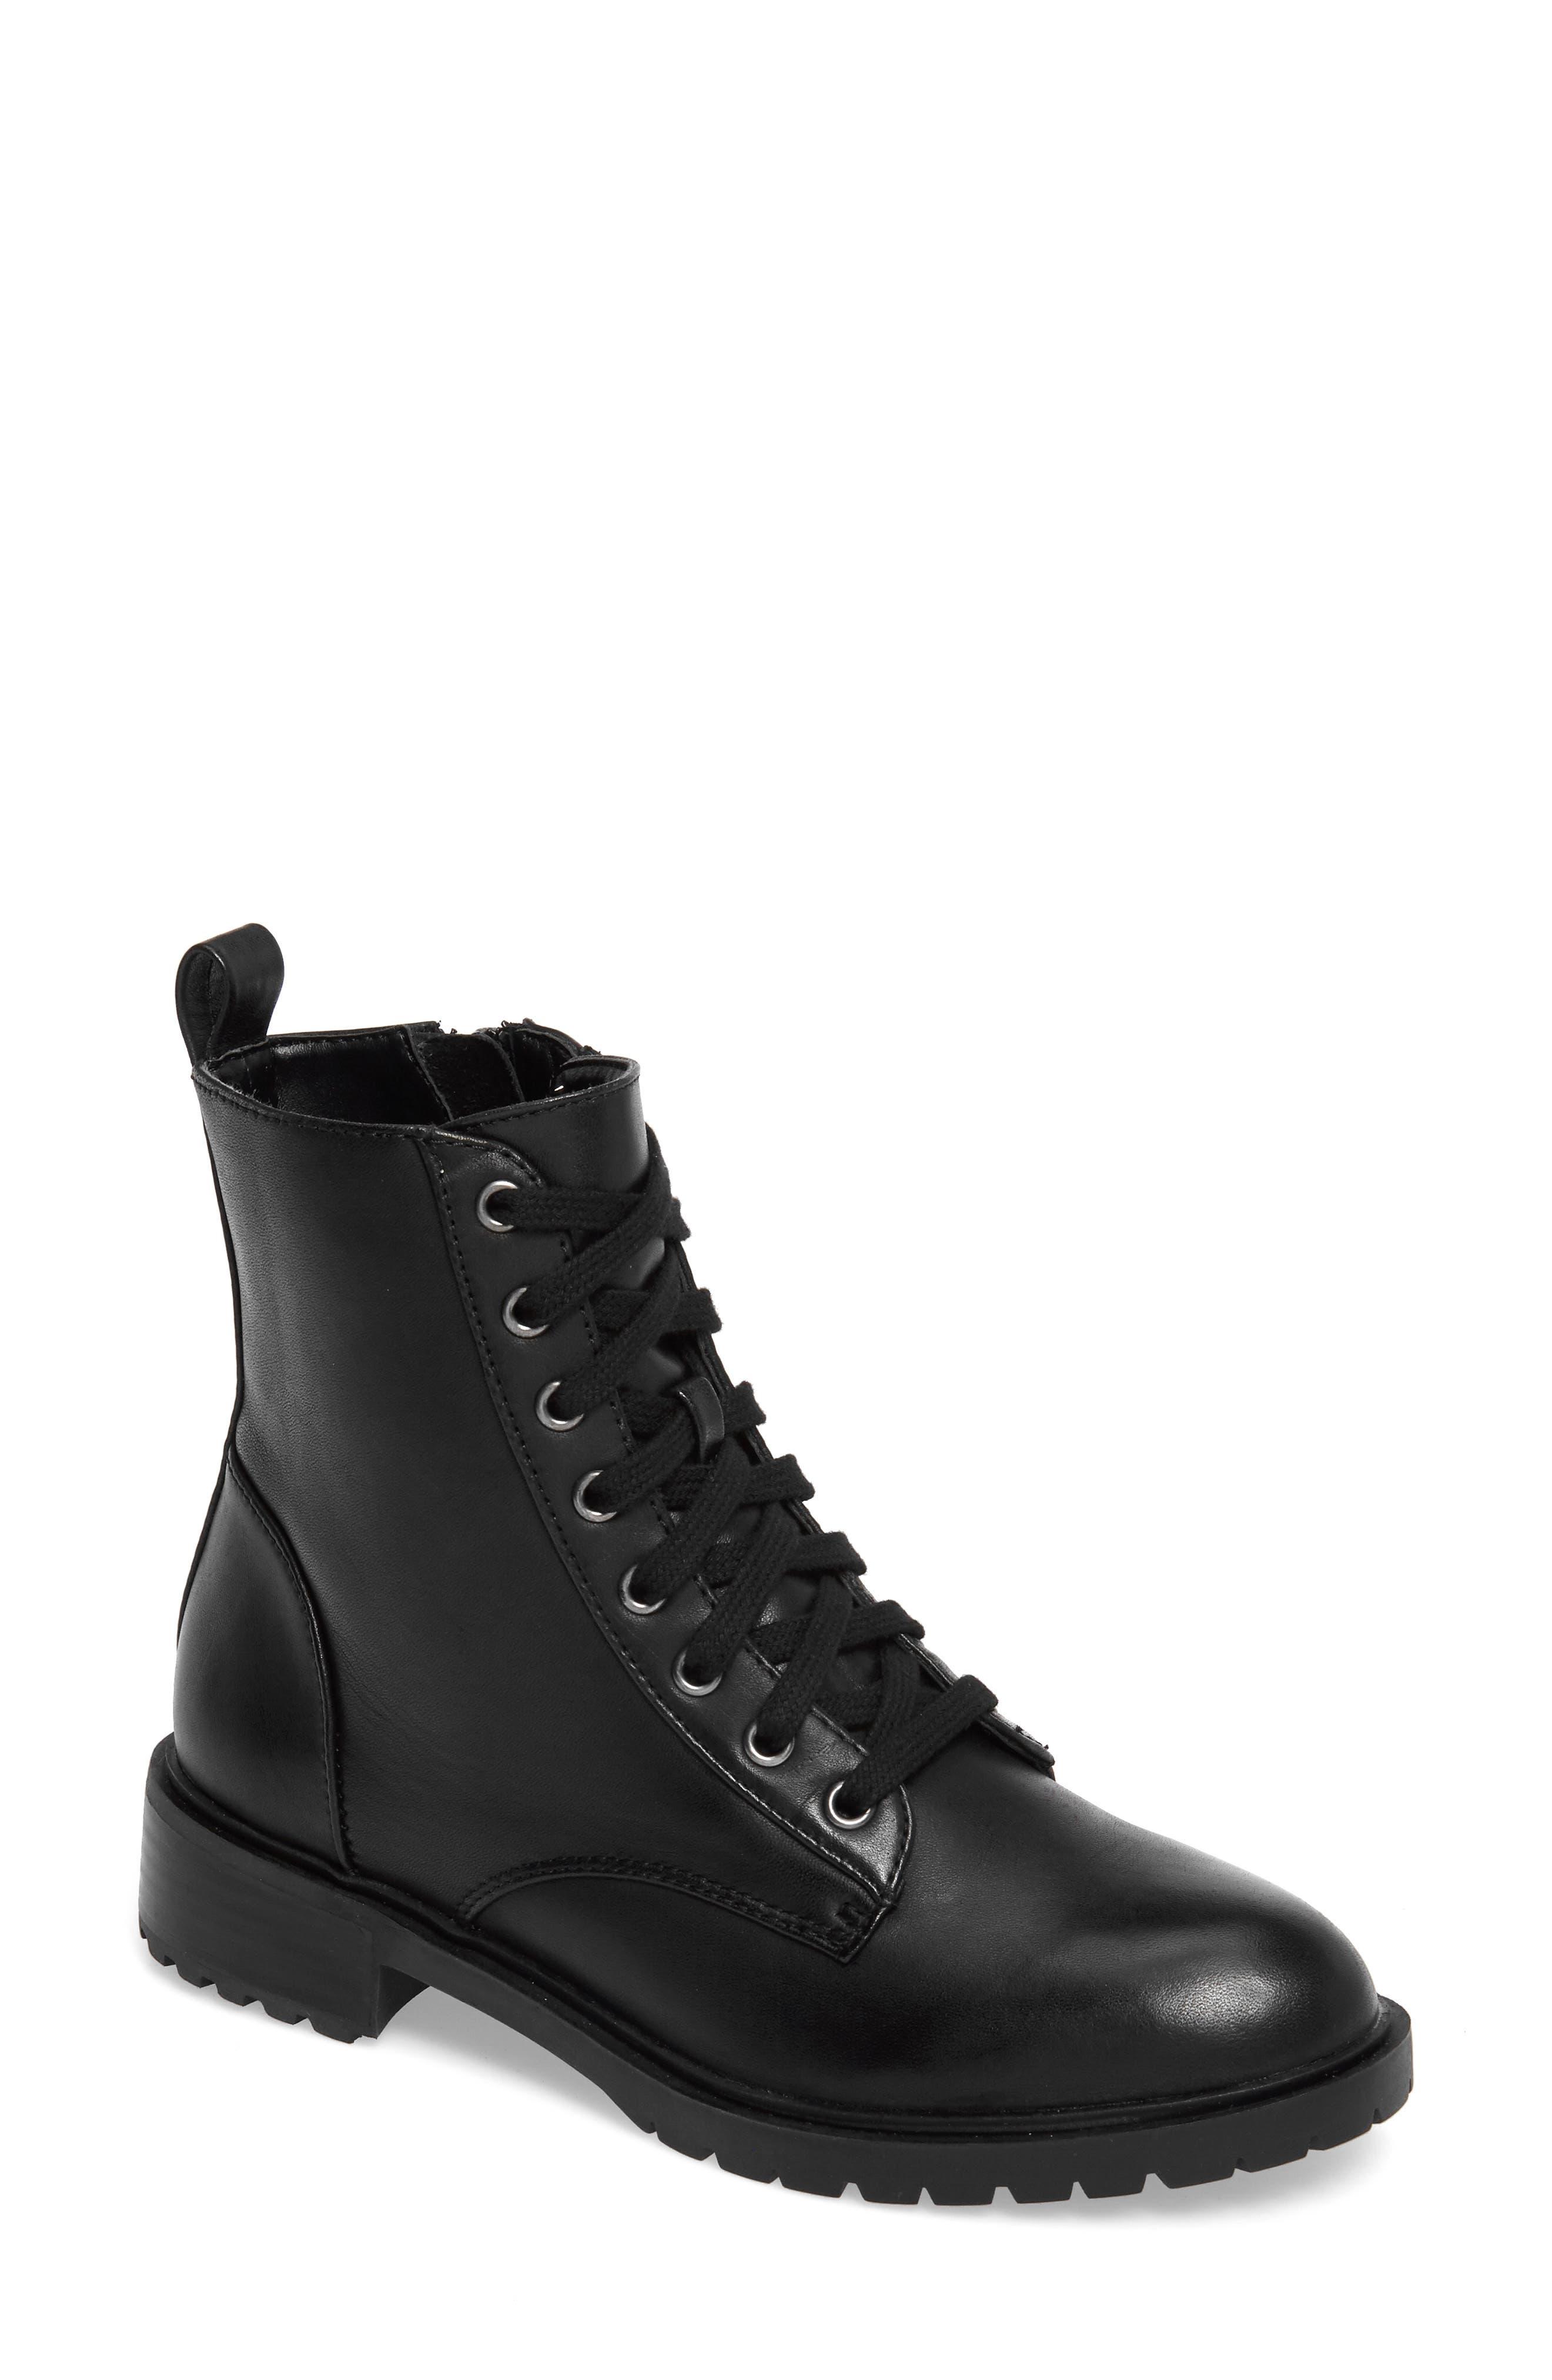 Main Image - Steve Madden Officer Combat Boot (Women)